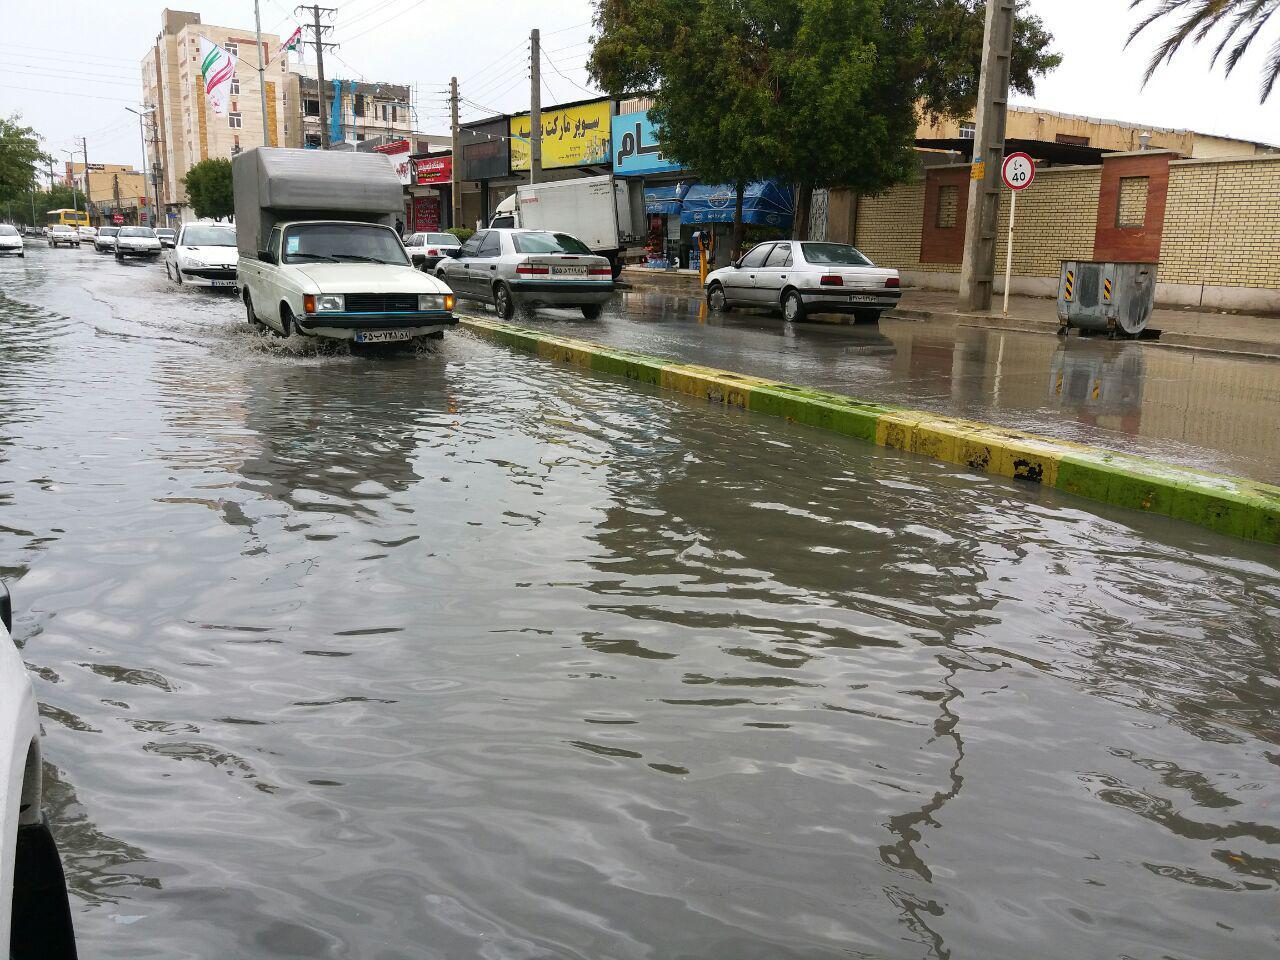 هواشناسی بوشهر درباره آبگرفتگی معابر عمومی و تلاطم خلیج فارس هشدار داد